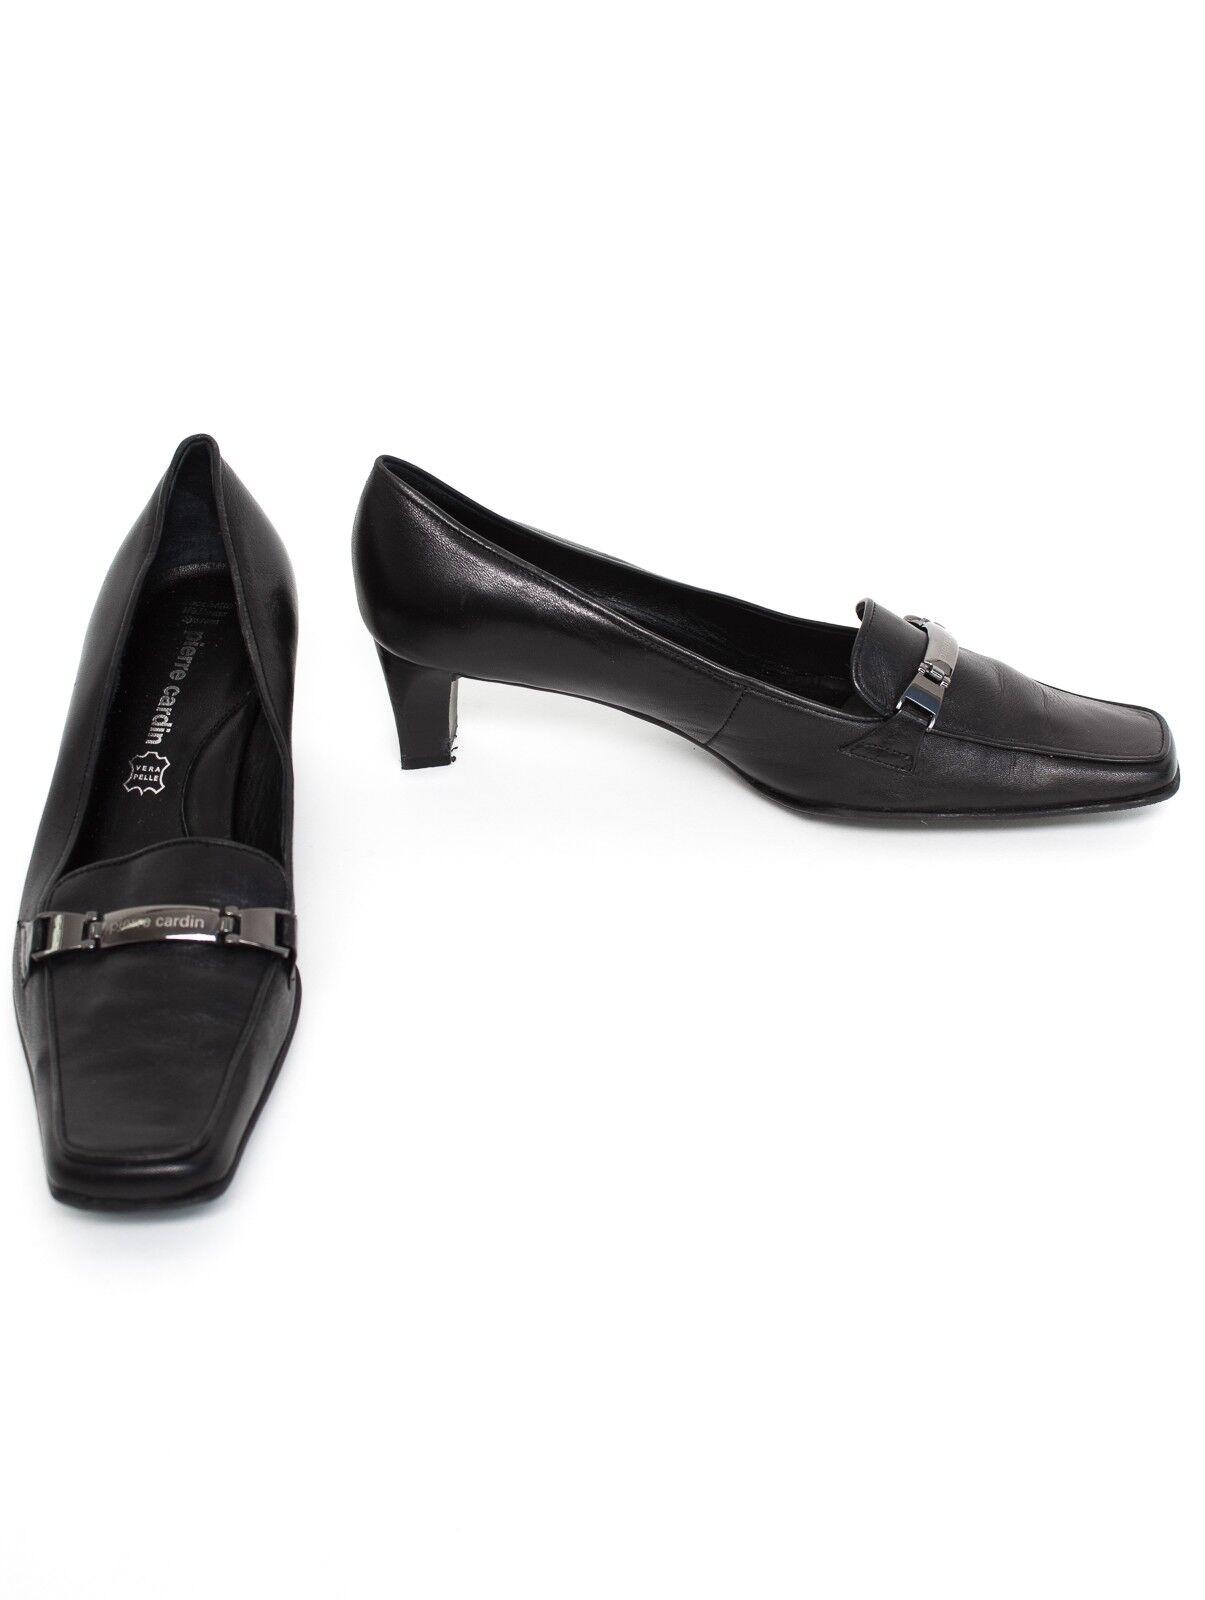 PIERRE CARDIN escarpins Taille Eu 39 chaussures femmes Talons Hauts chaussures en cuir noir